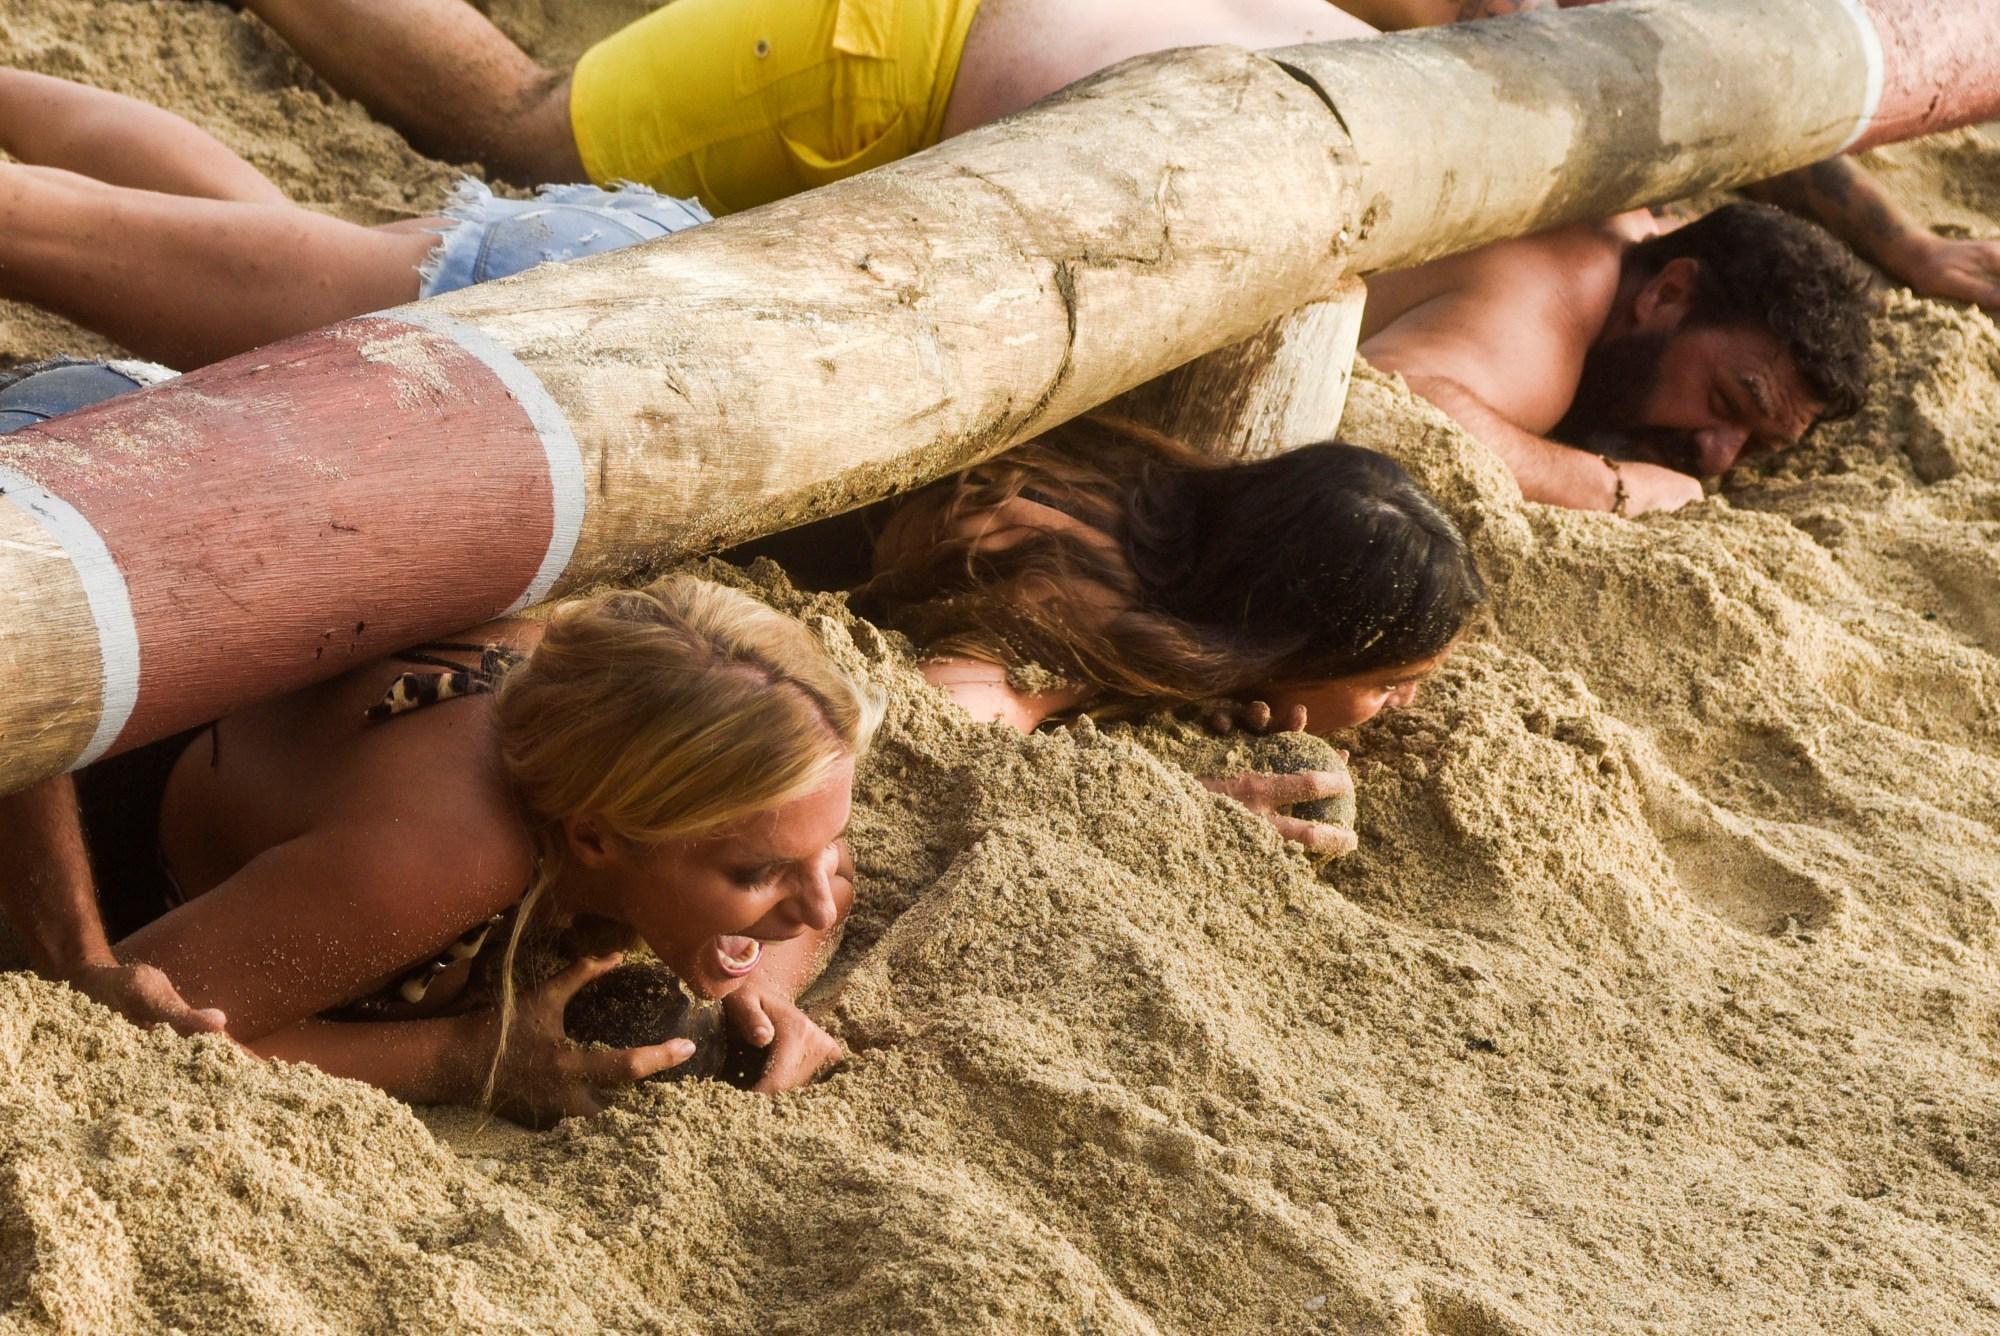 Isola dei Famosi: nella prova ricompensa per Francesca l ostacolo è... il seno